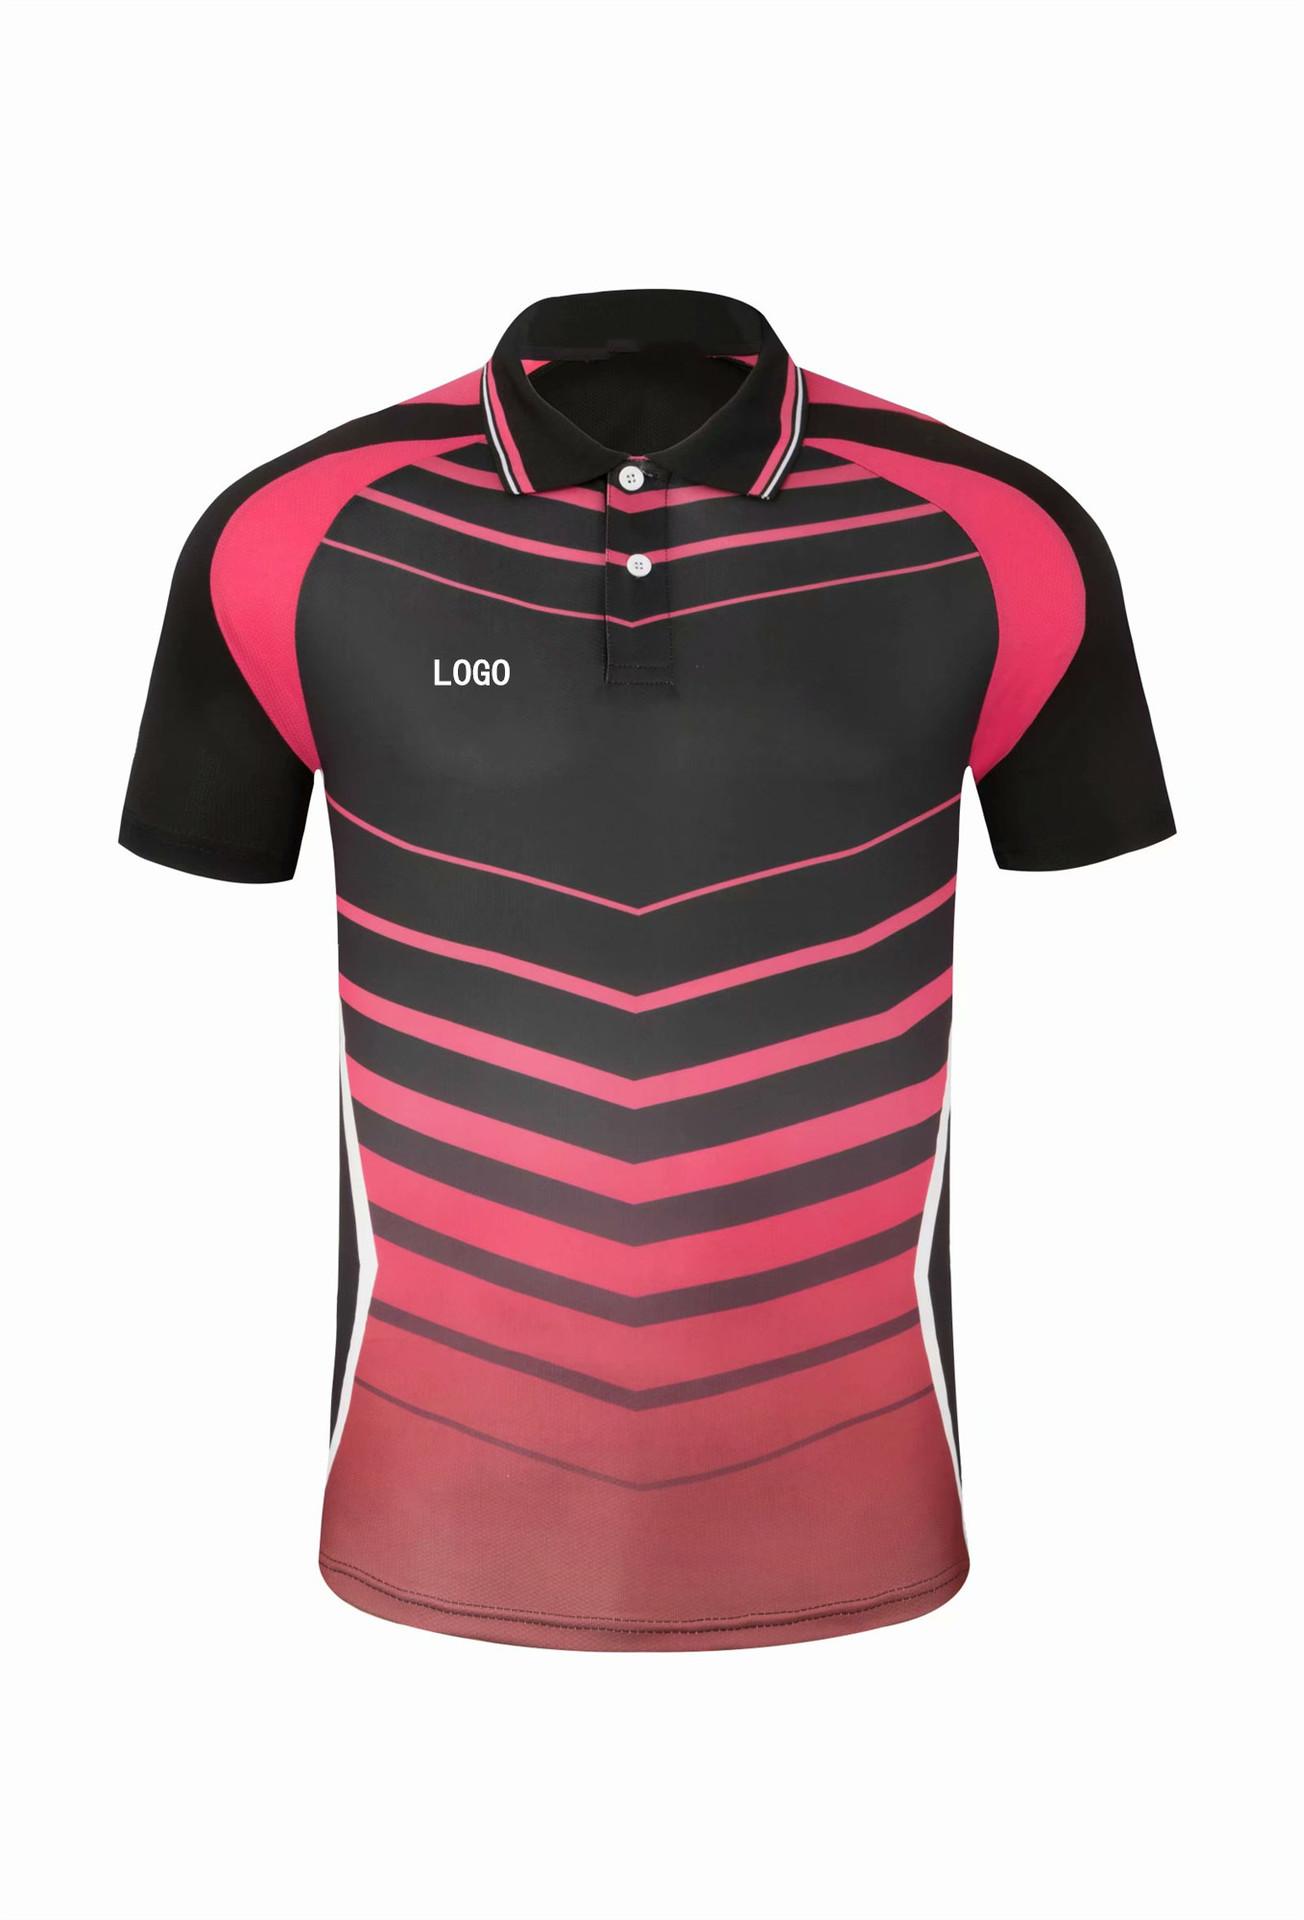 Оптовая продажа спортивной одежды для газона и тенниса на заказ